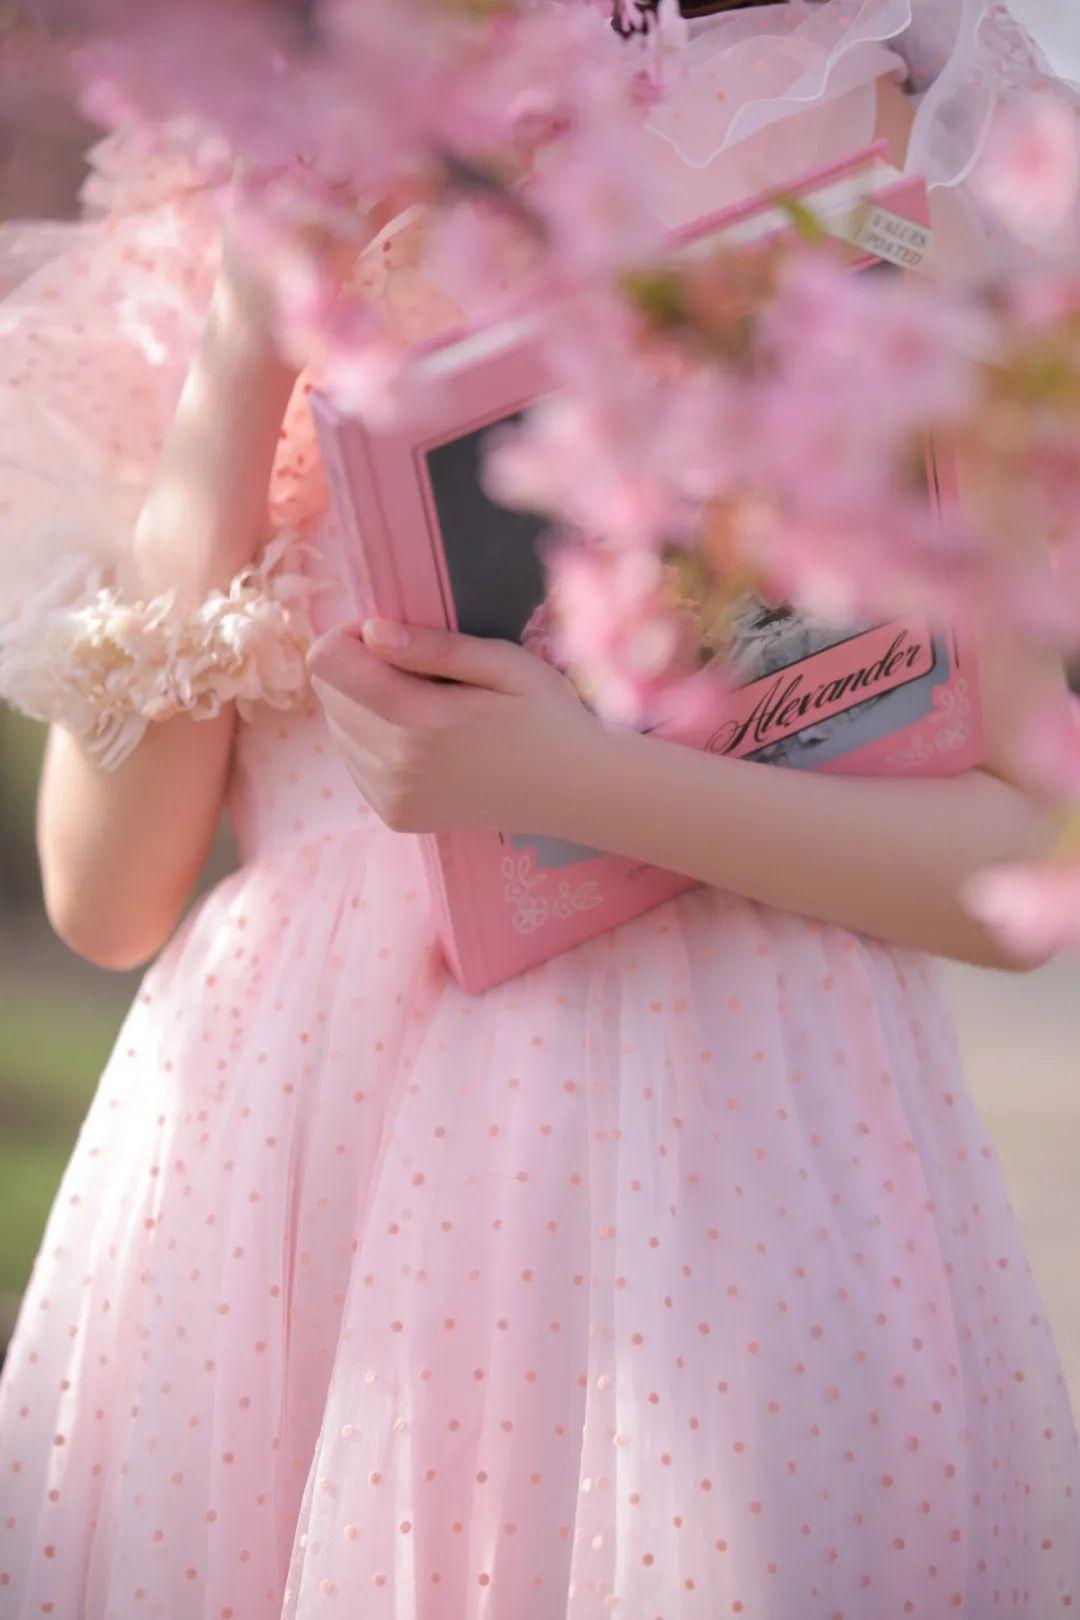 妹子摄影 – 粉粉的日系少女樱花树下写真_图片 No.9